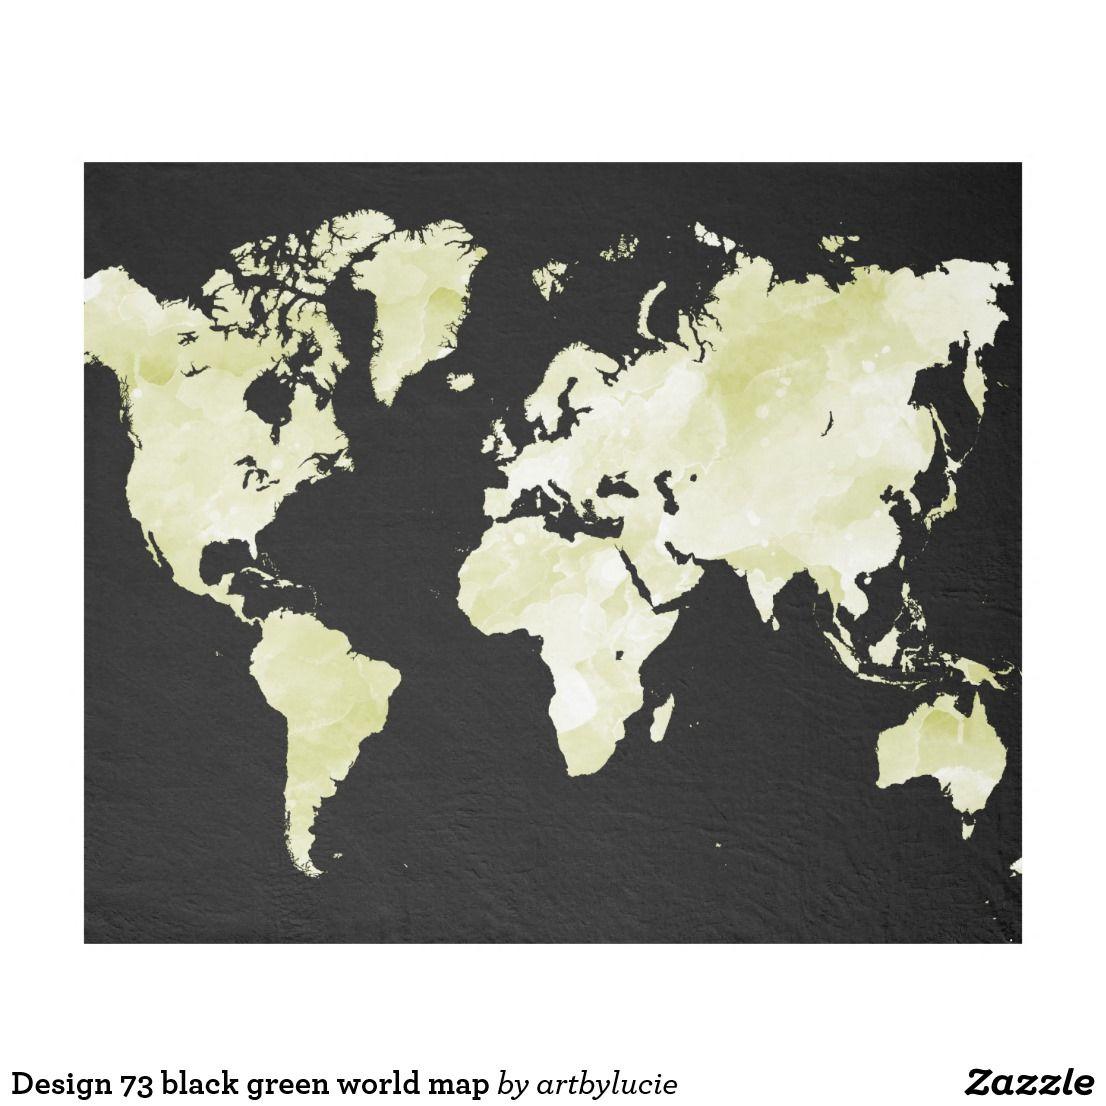 Design 73 black green world map fleece blanket blanket and tapestry design 73 black green world map fleece blanket gumiabroncs Images